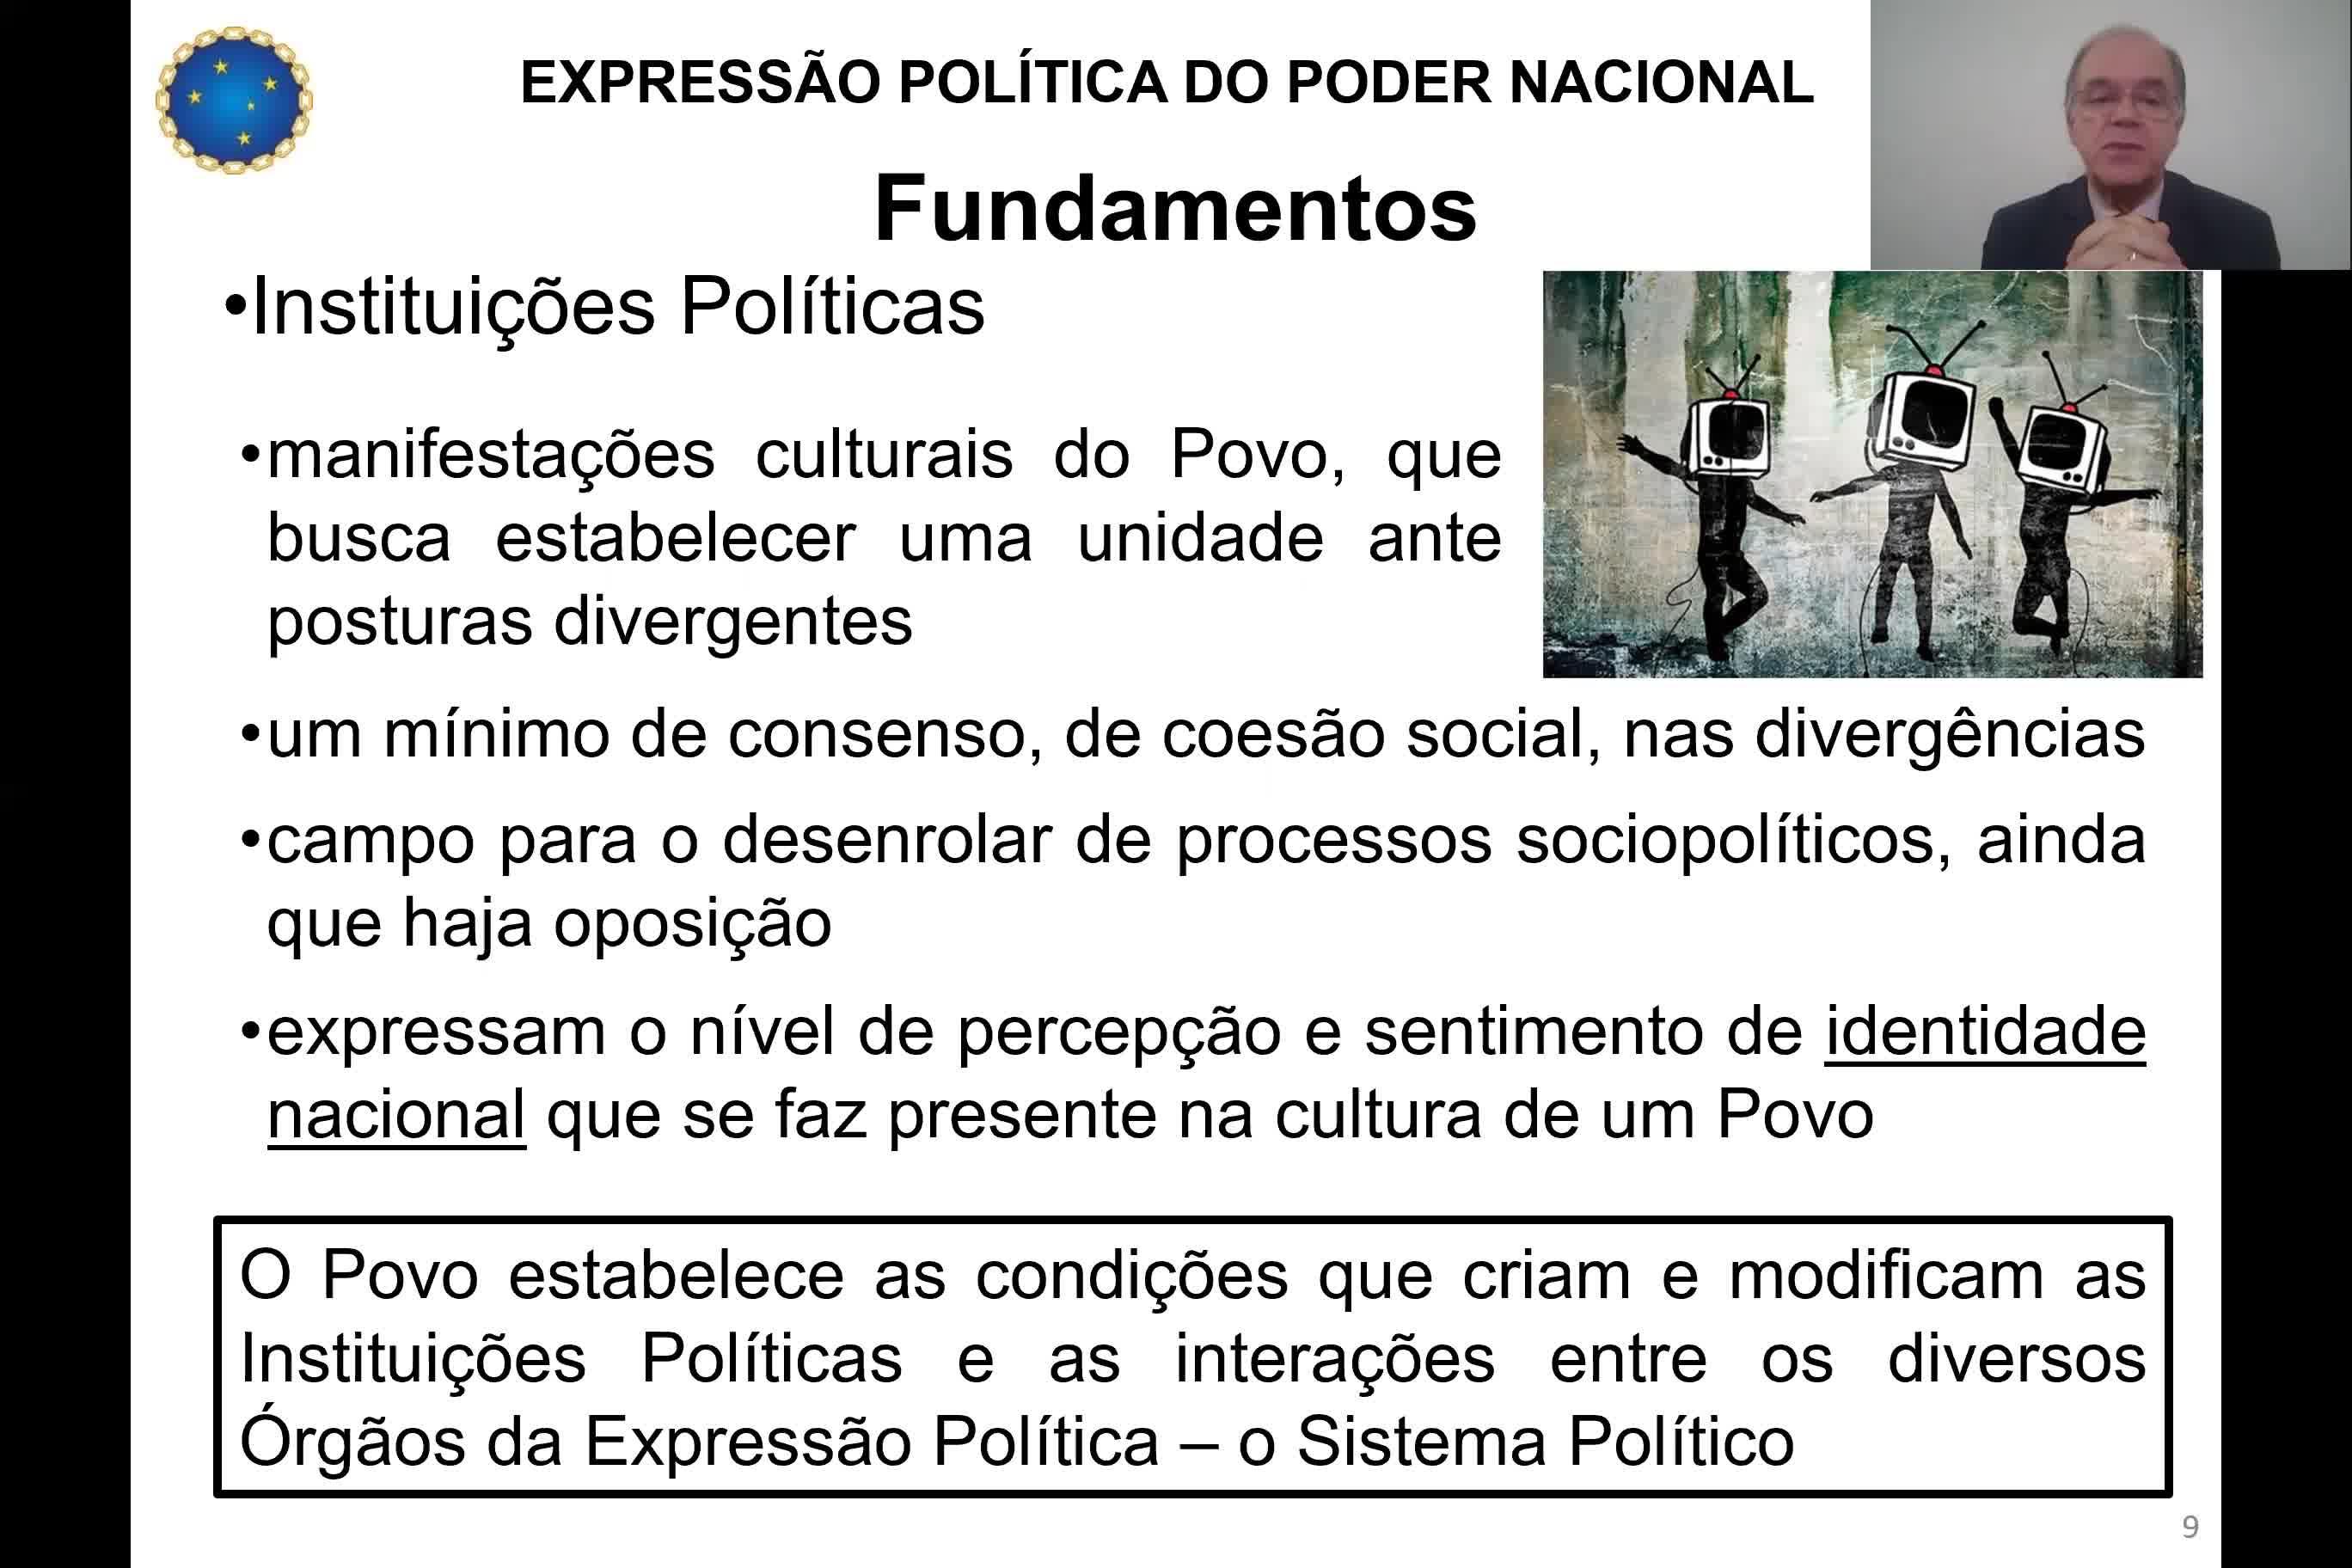 Expressão Política do Poder Nacional - Cel Osvaldo